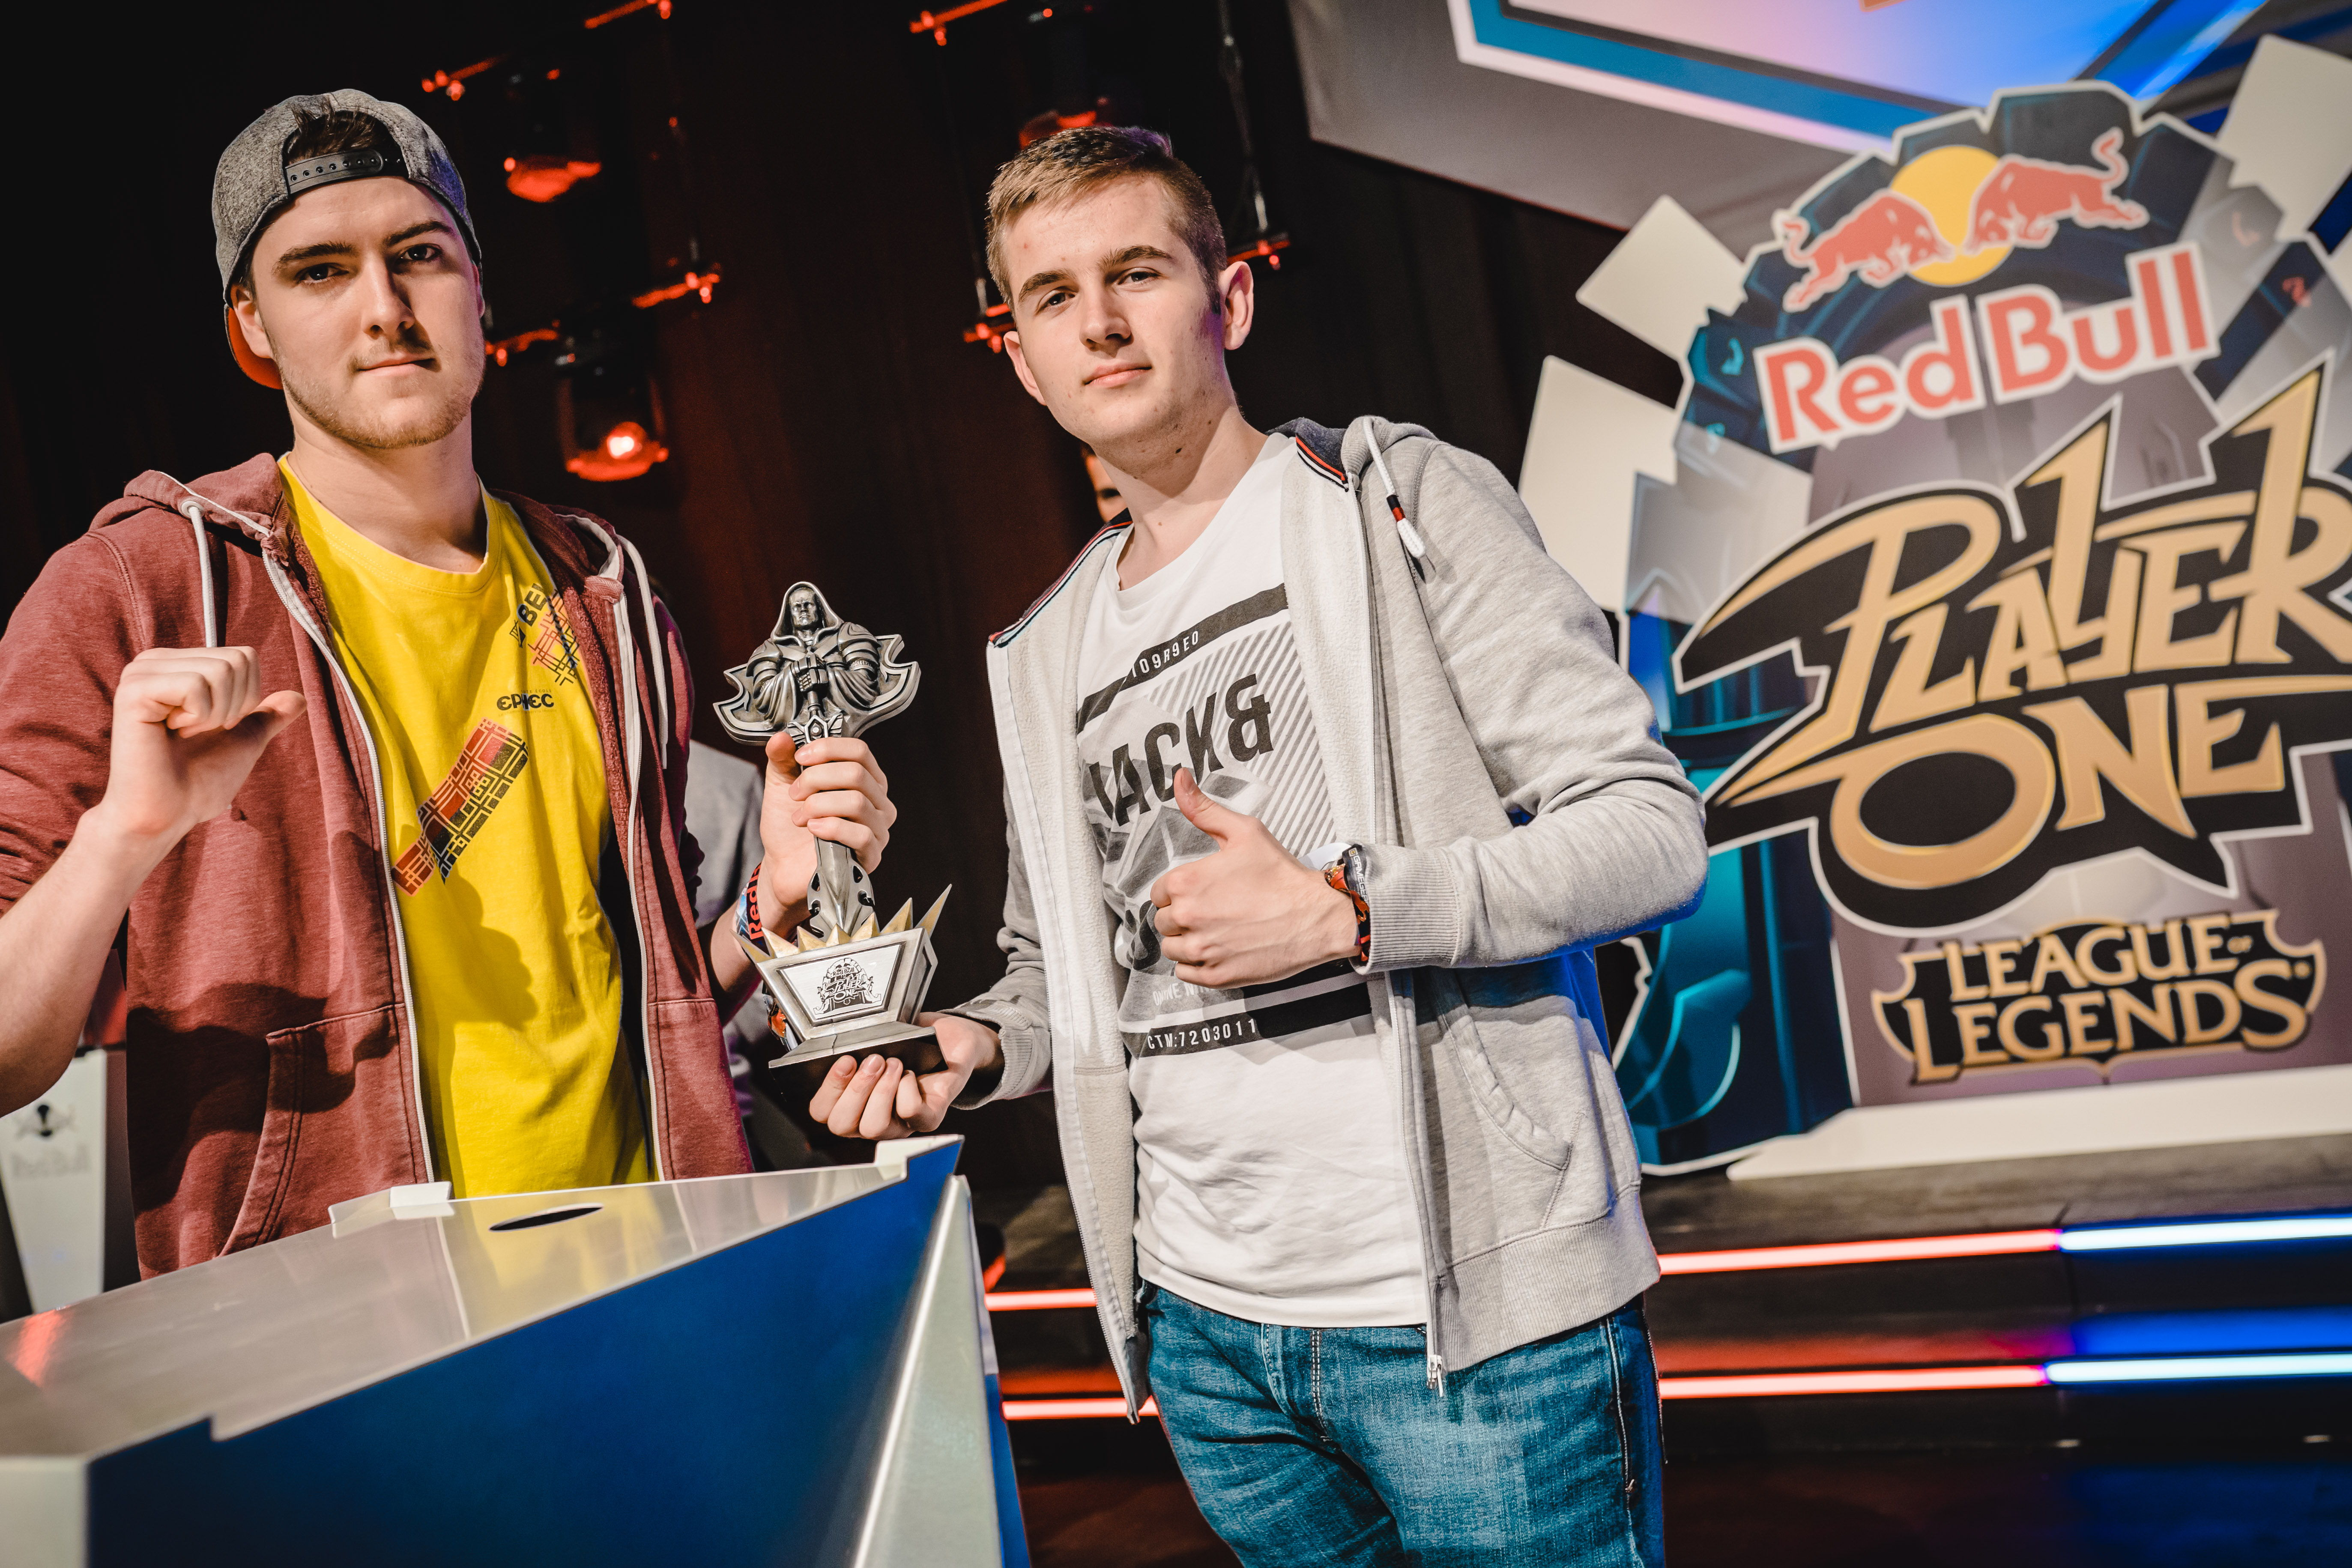 Belgian Taz en Velon net voor de finale van Red Bull Player One - Photocredits @KrewCollective